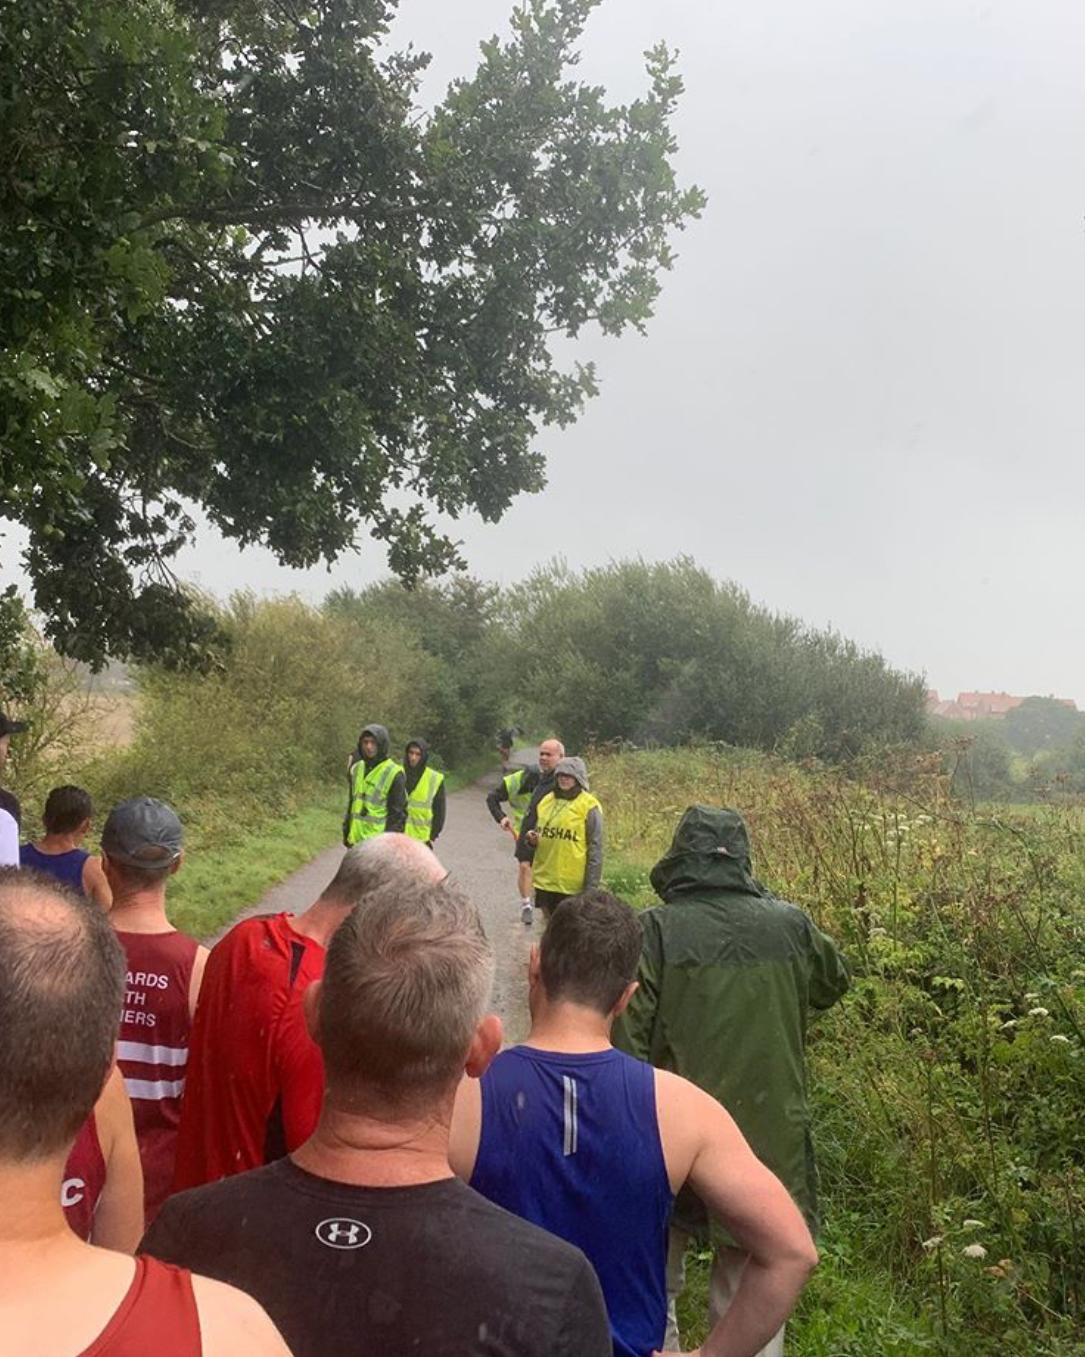 Henfield Half Marathon 2019 Results